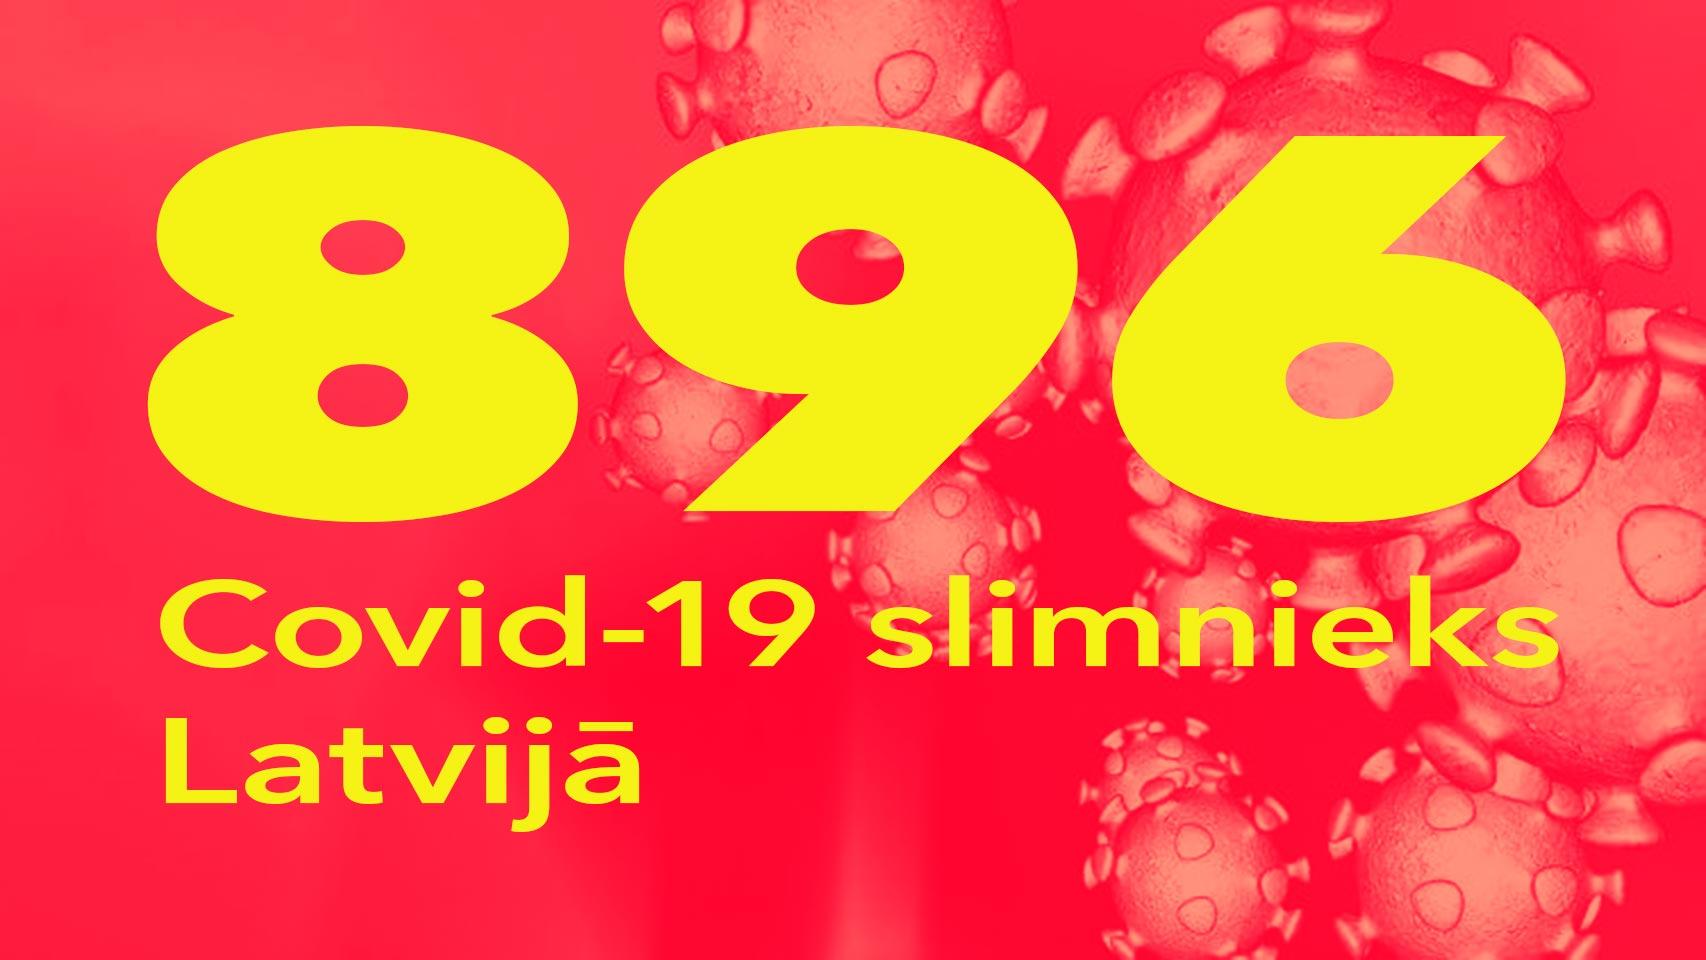 Koronavīrusa saslimušo skaits Latvijā 5.05.2020.